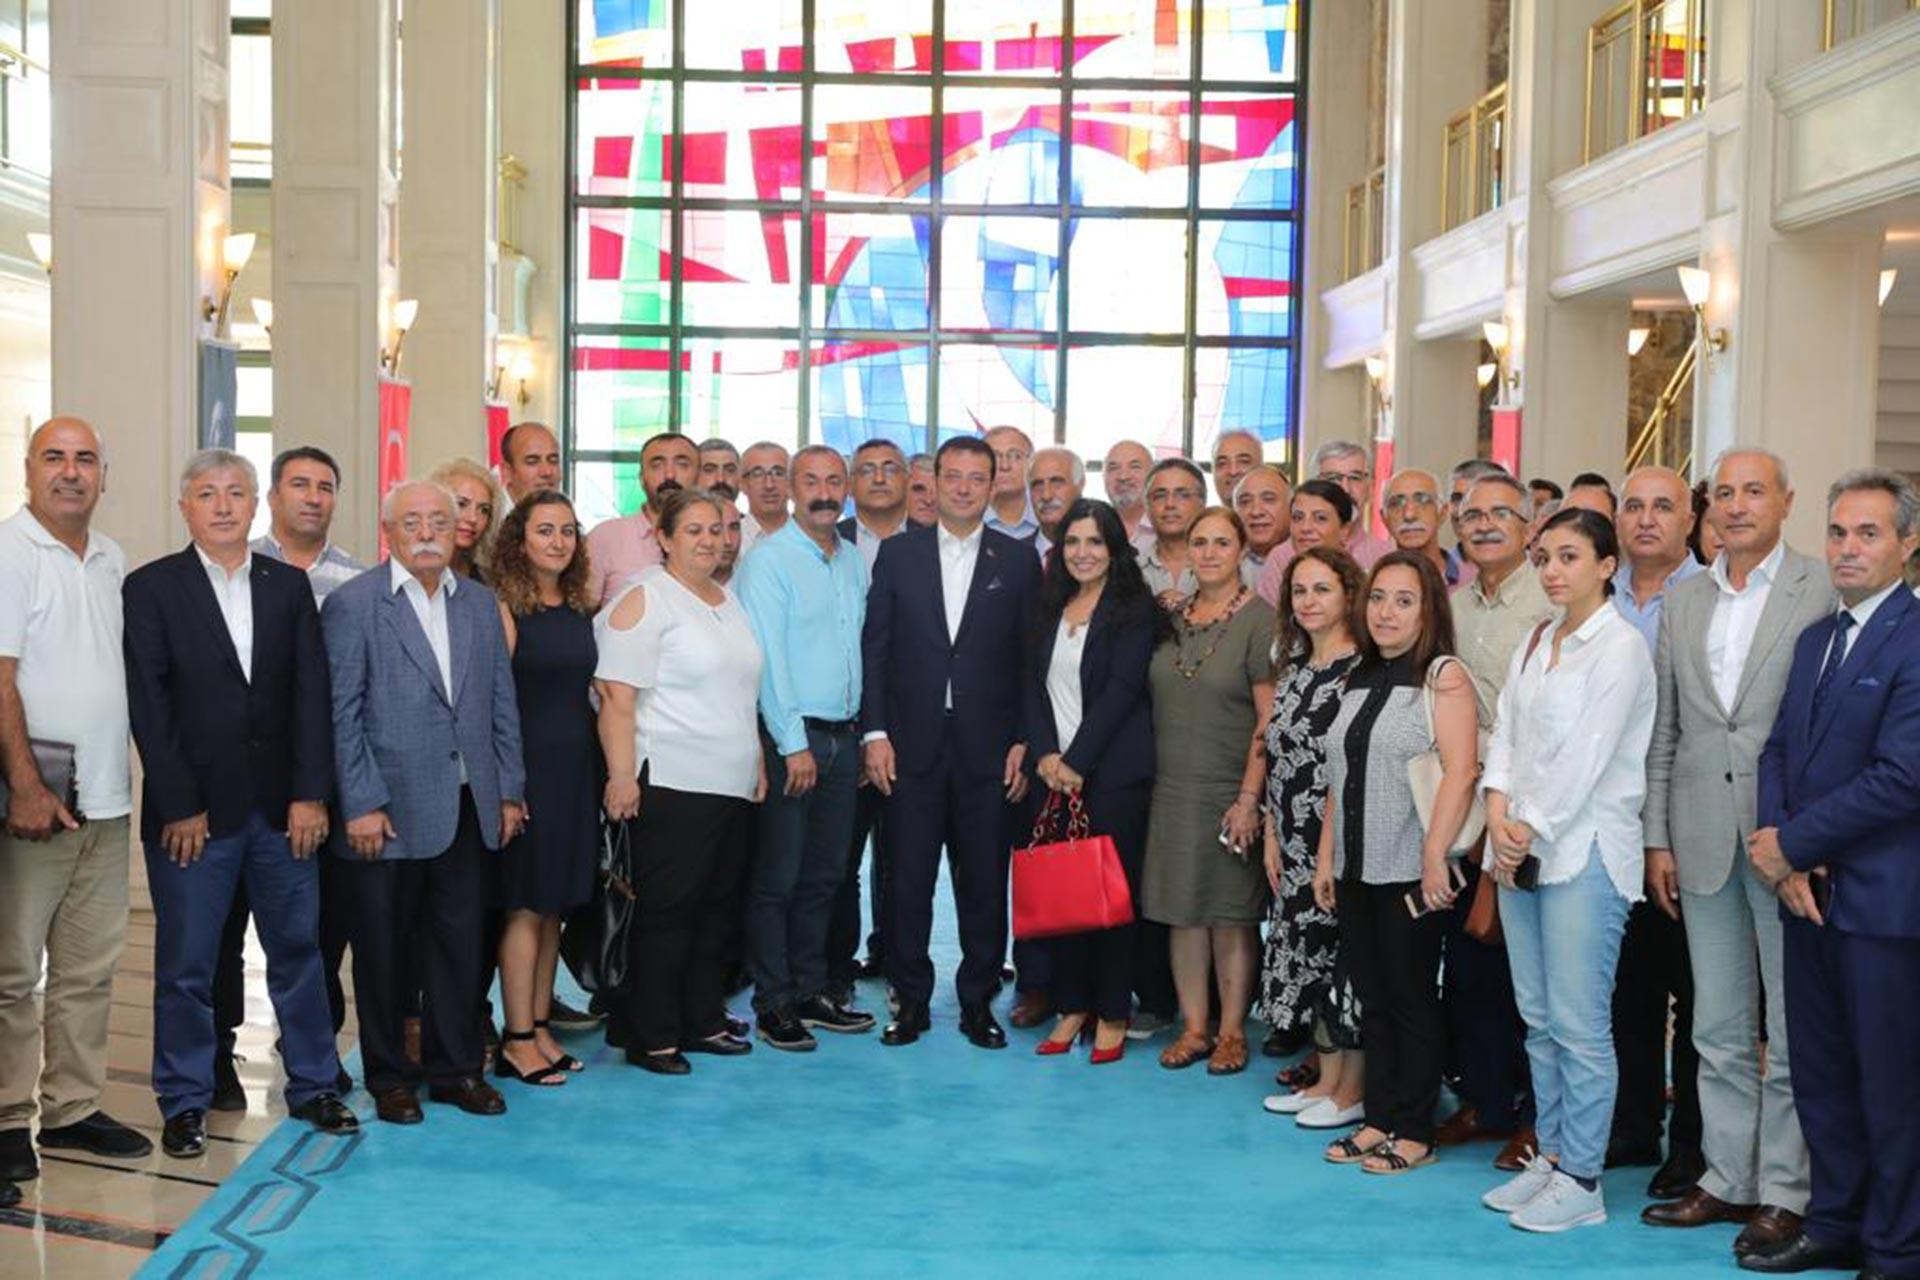 Fatih Mehmet Maçoğlu, Ekrem İmamoğlu'nu ziyaret etti: İşin özü eşitlik duygusu…